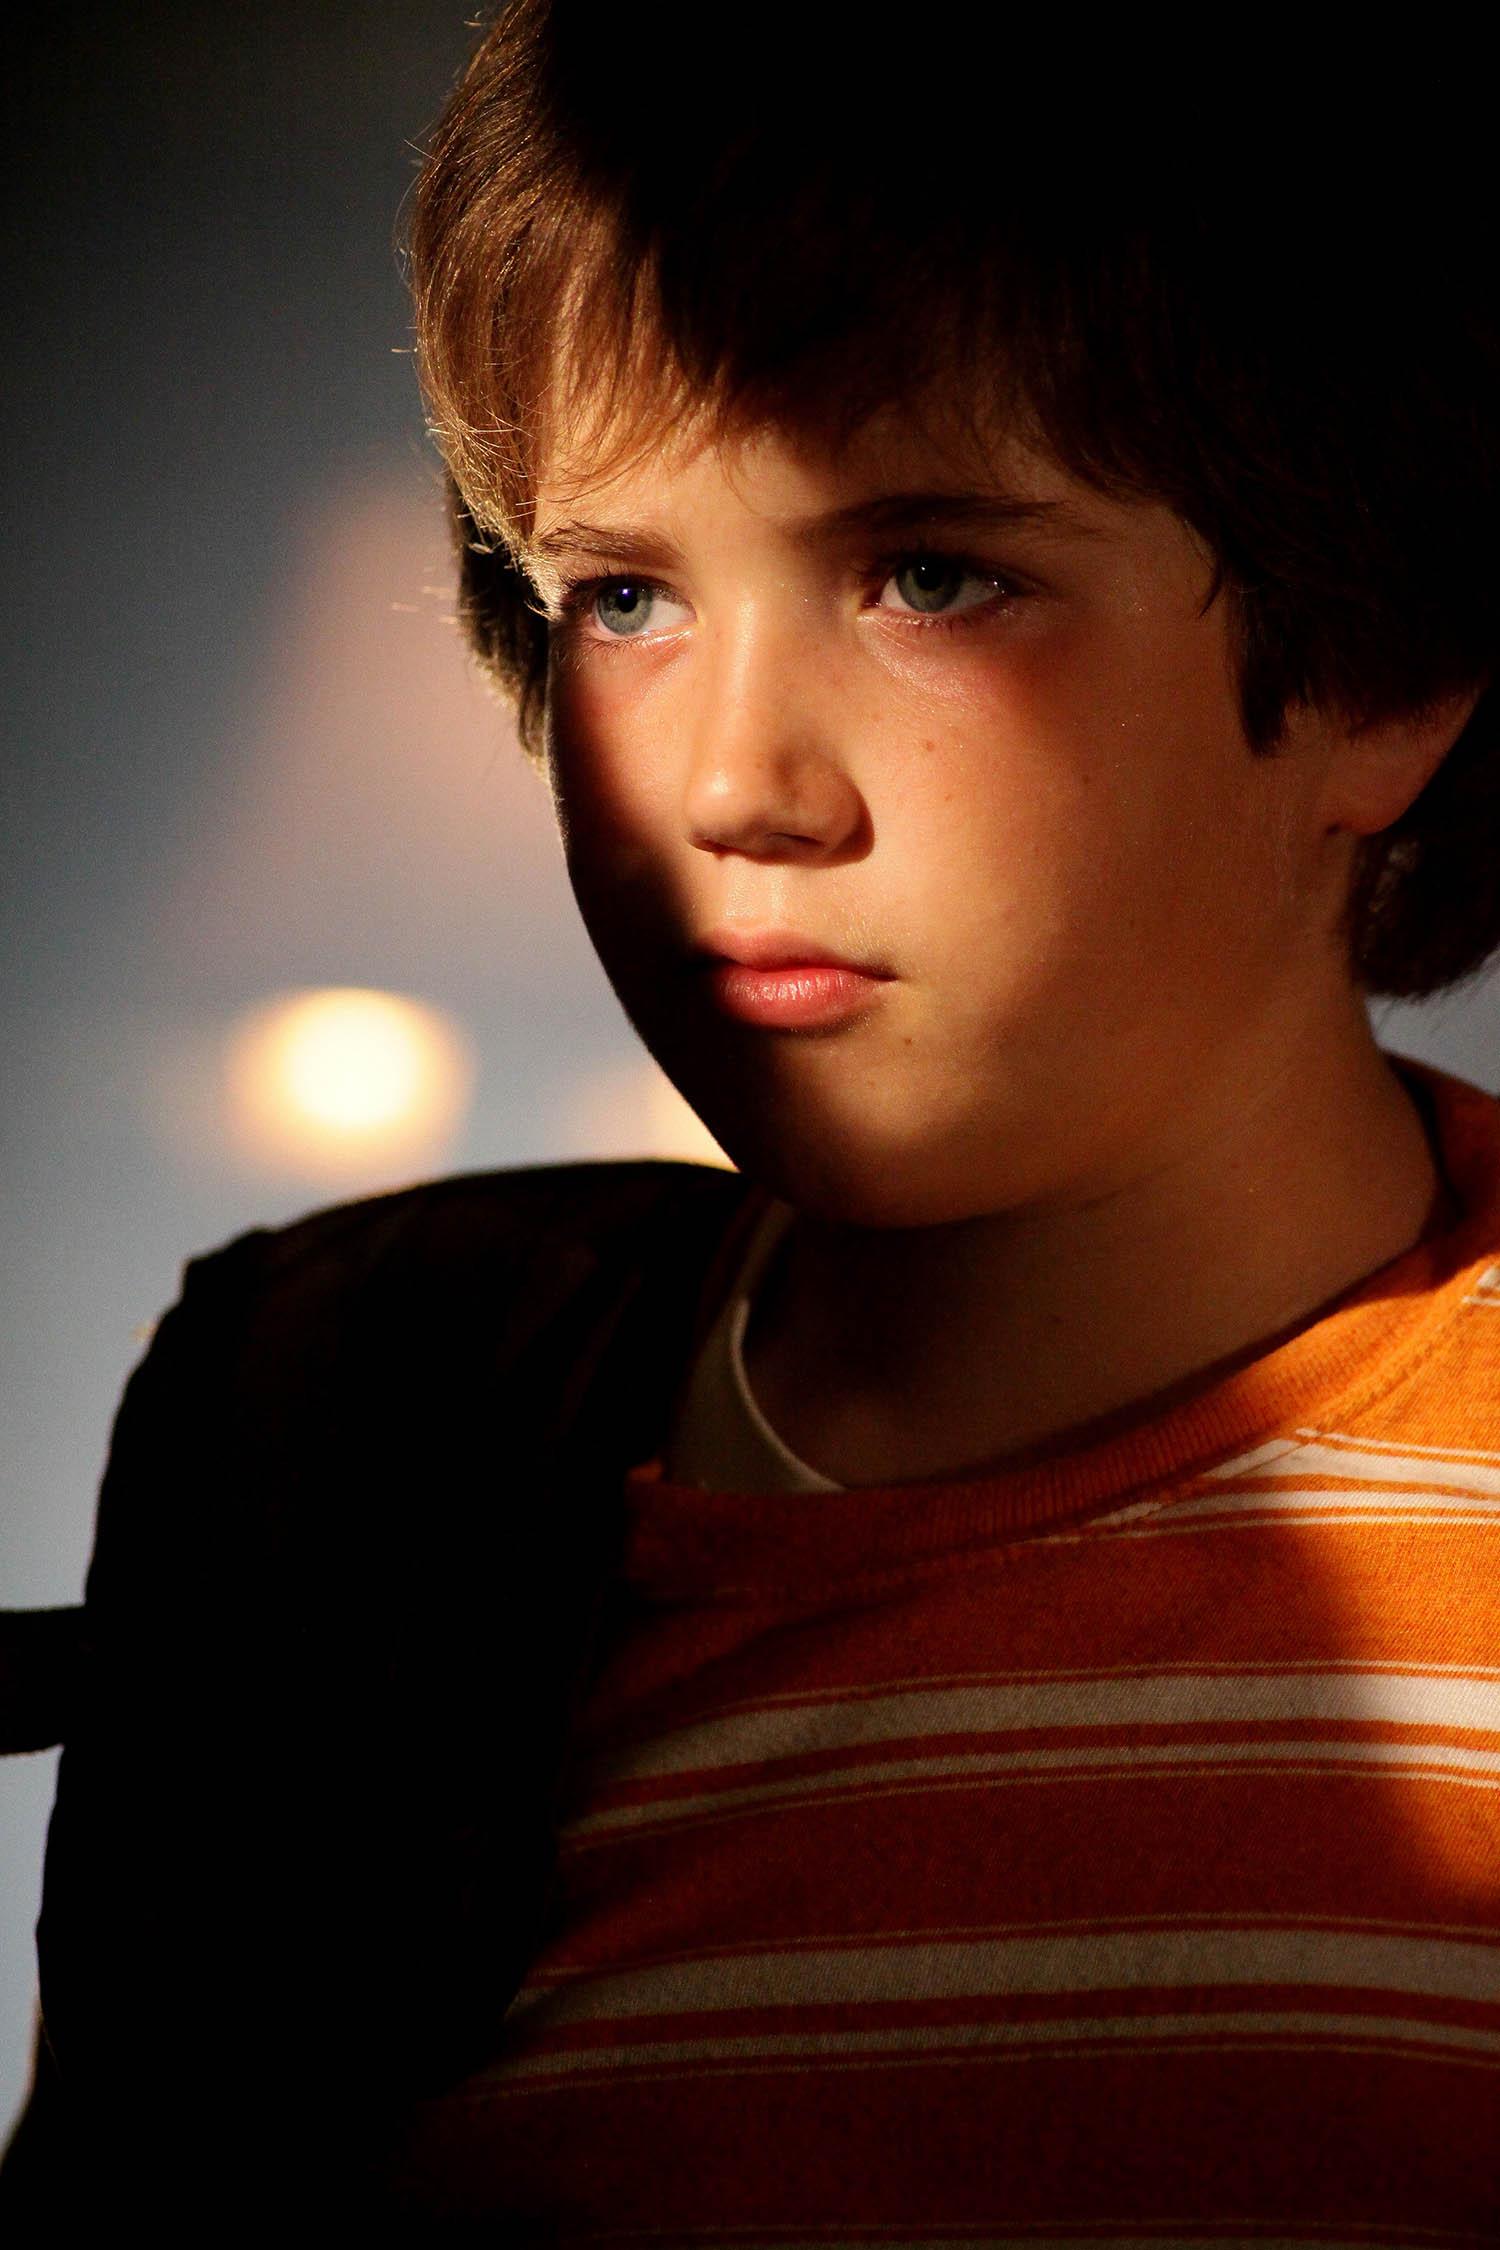 Connor Mac as %22Austin%22.jpg